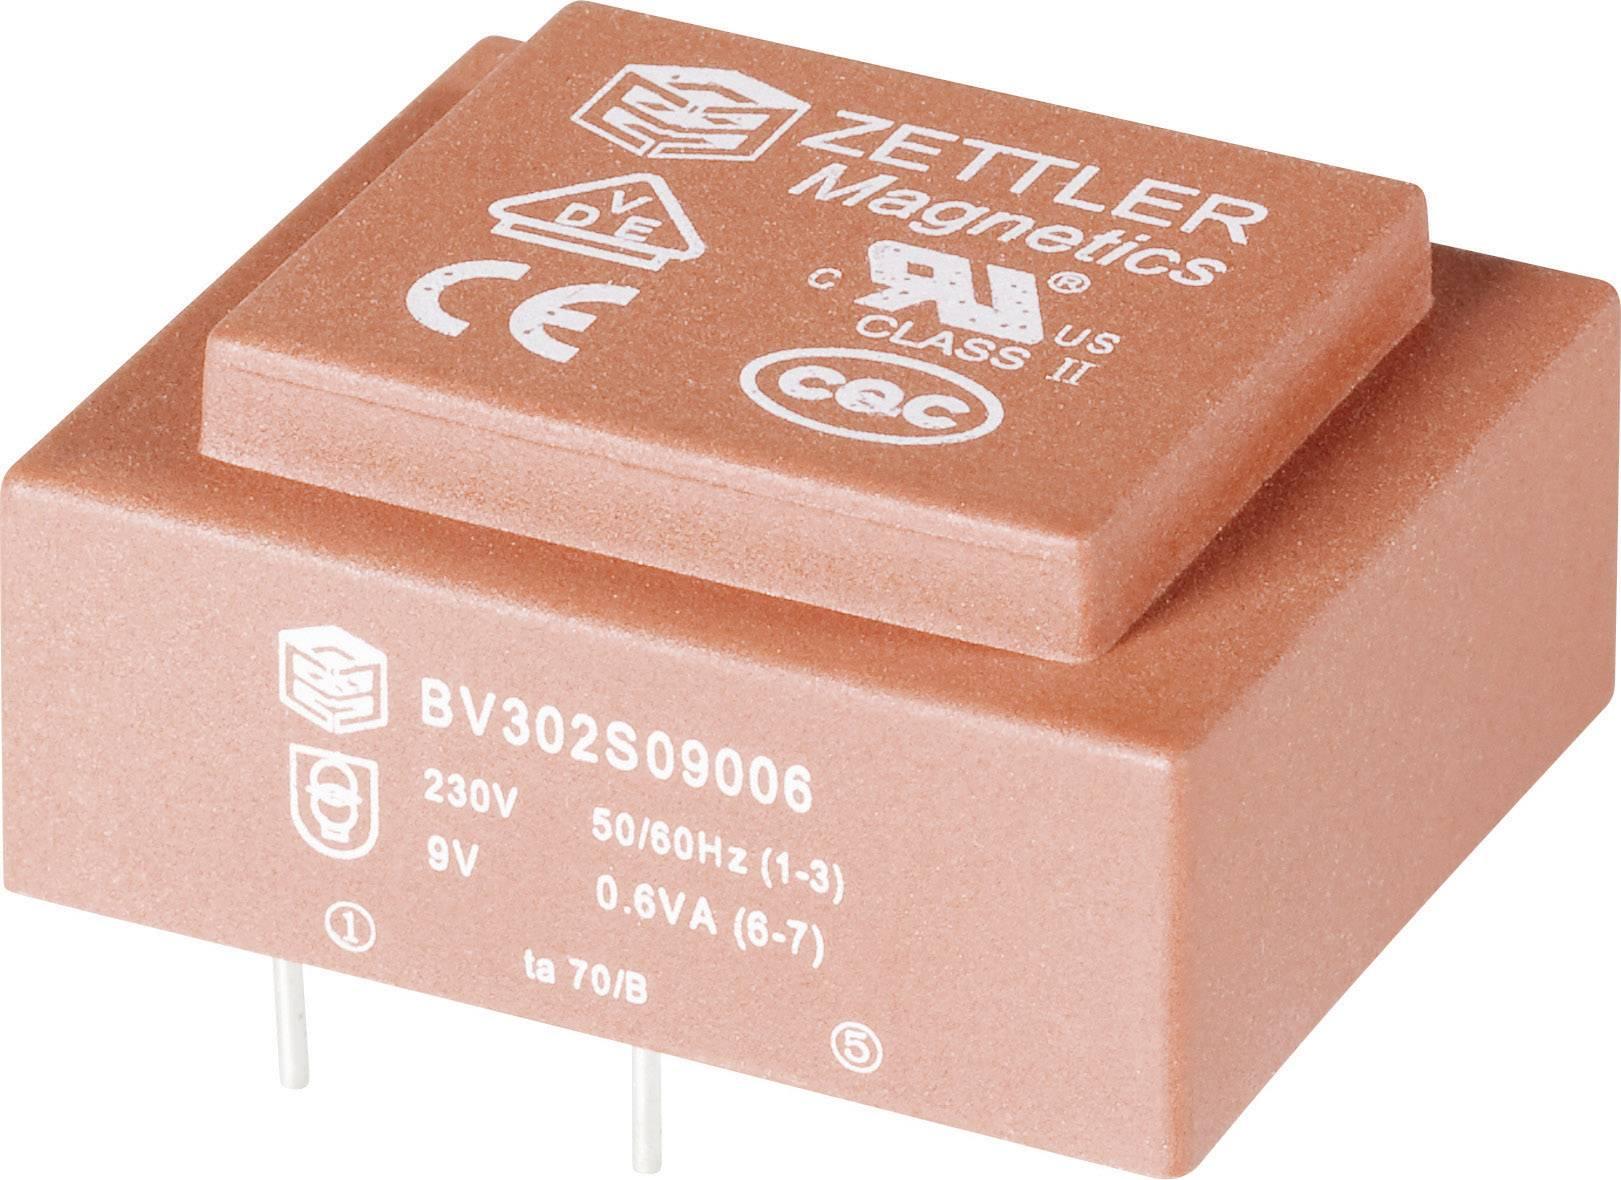 Transformátor do DPS Zettler Magnetics El30, prim: 230 V, Sek: 15 V, 40 mA, 0,6 VA